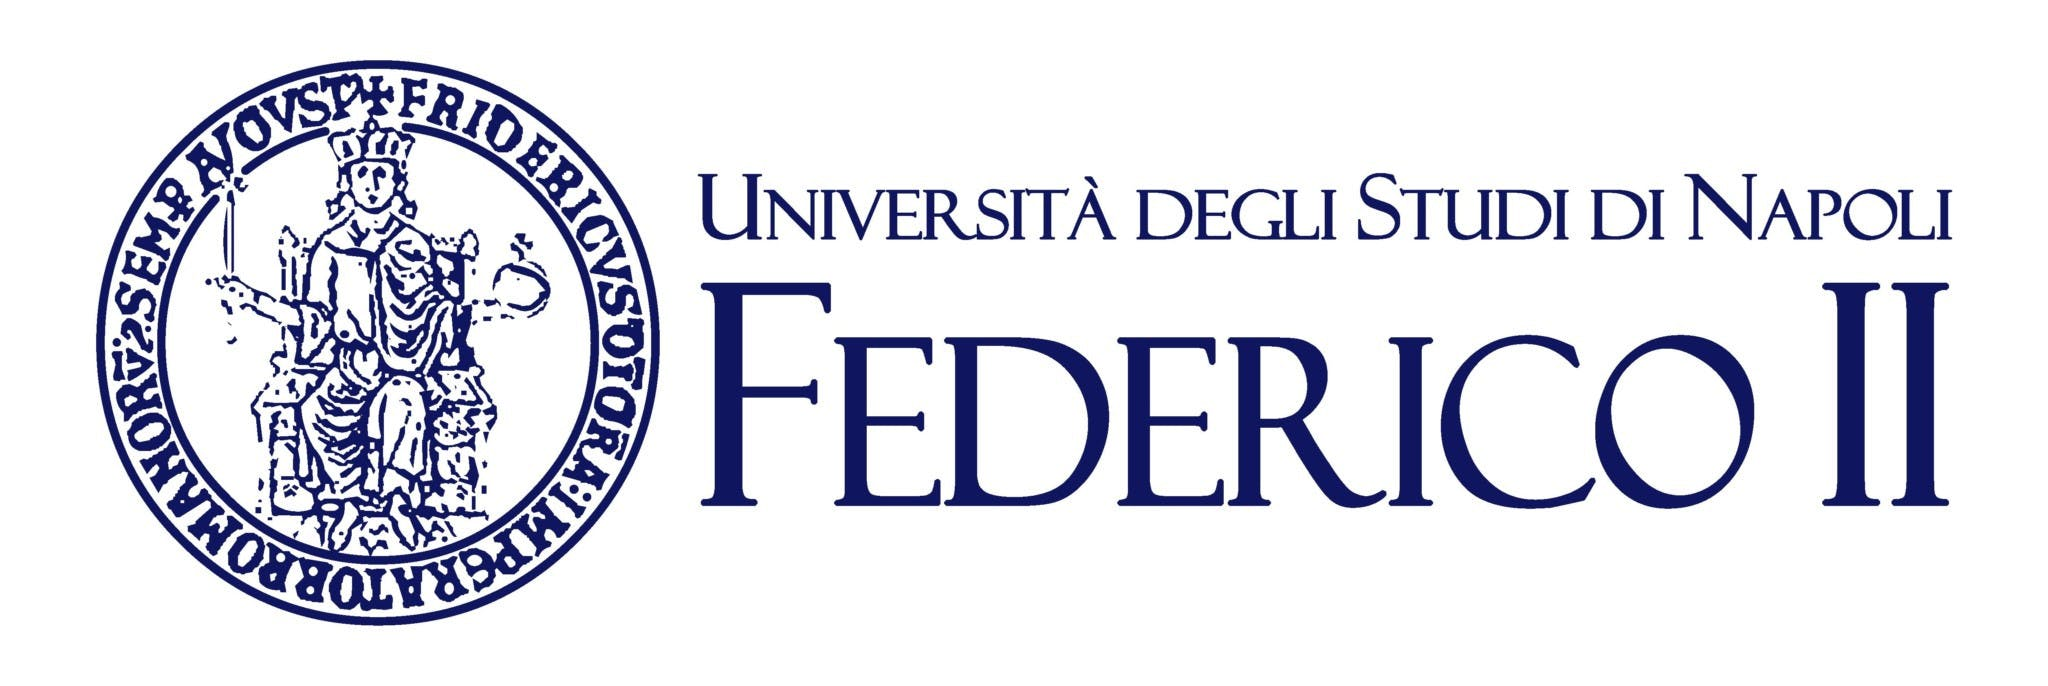 1523872538_logo_fedii